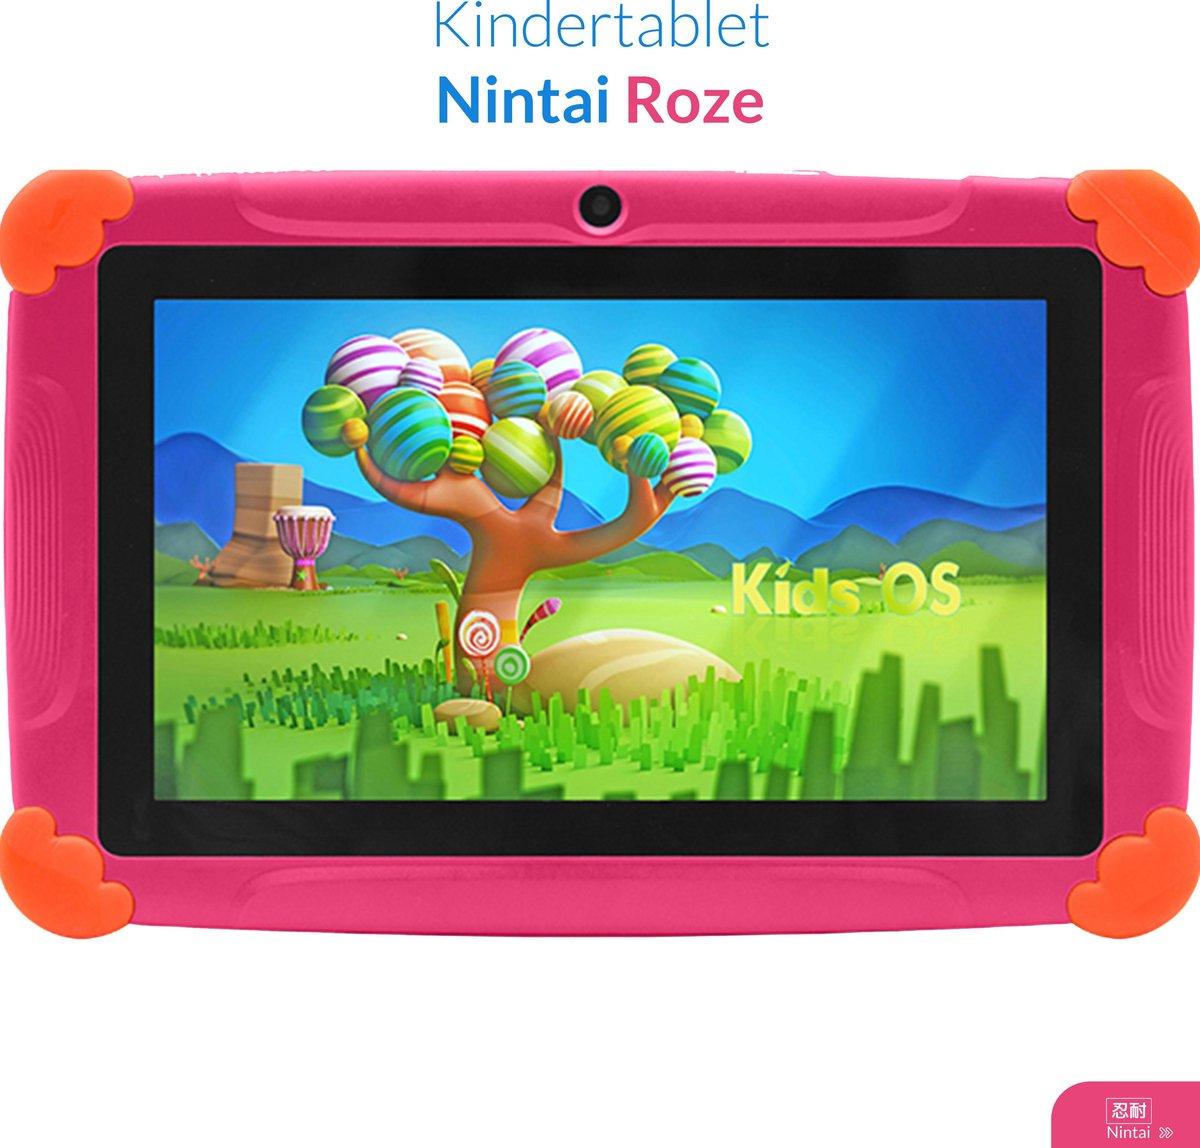 Kindertablet vanaf 3 jaar - 7inch - Kinder tablet - Roze